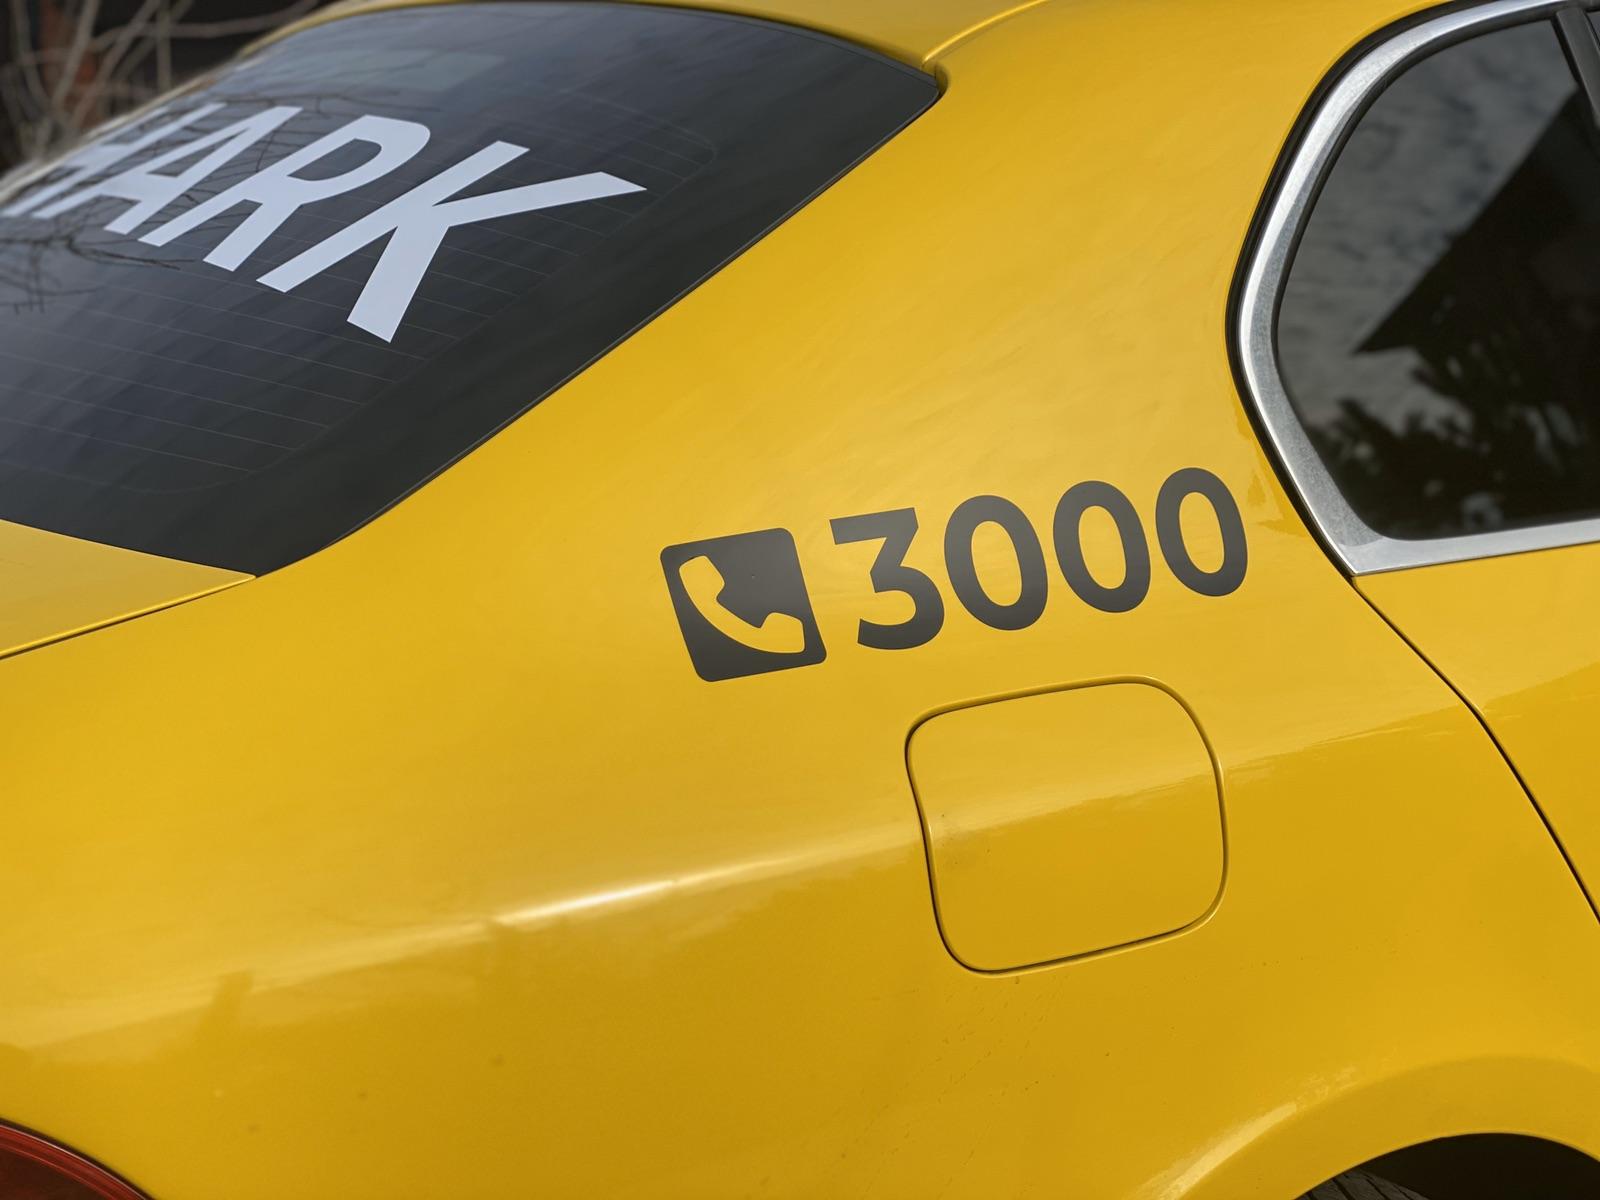 Как не переплачивать? 10 способов сэкономить на такси в Украине - Картинка 1